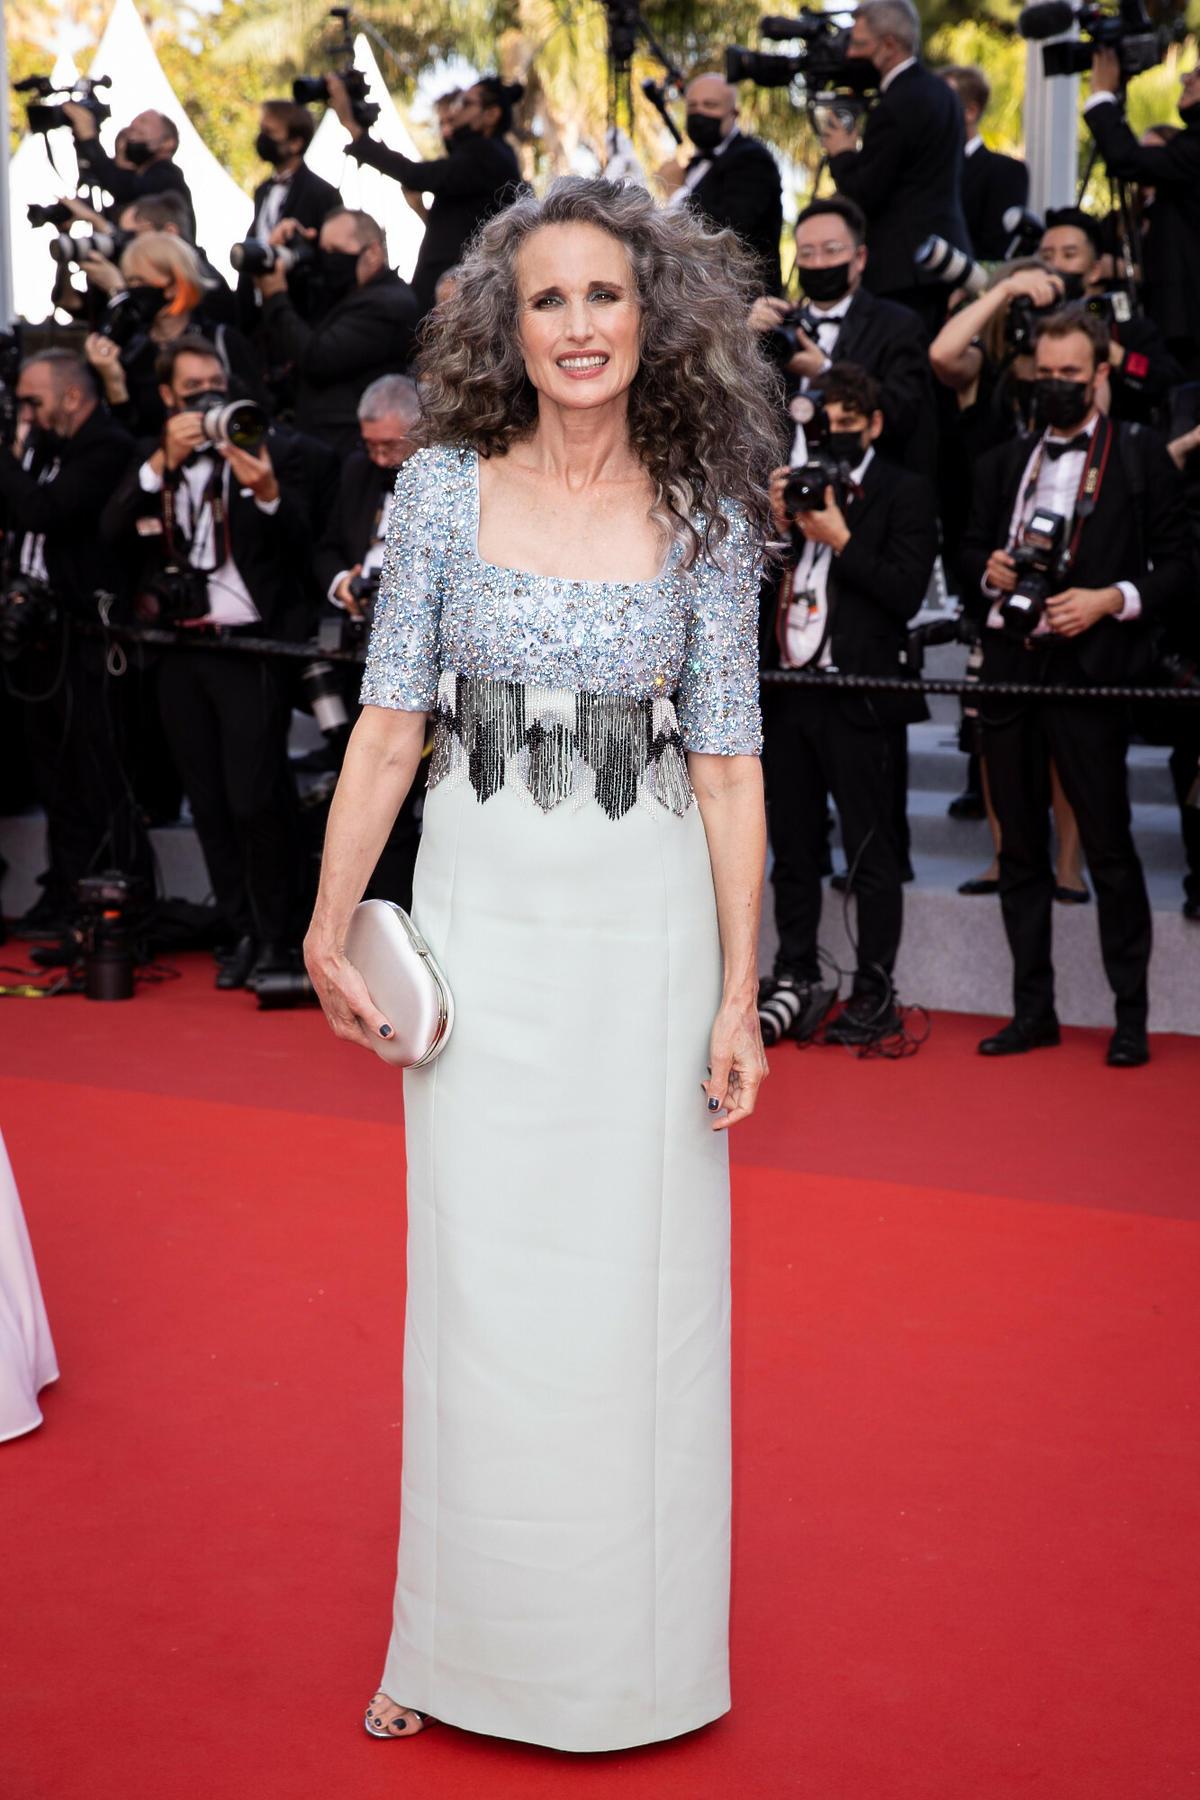 Cannes 2021: Andie MacDowell